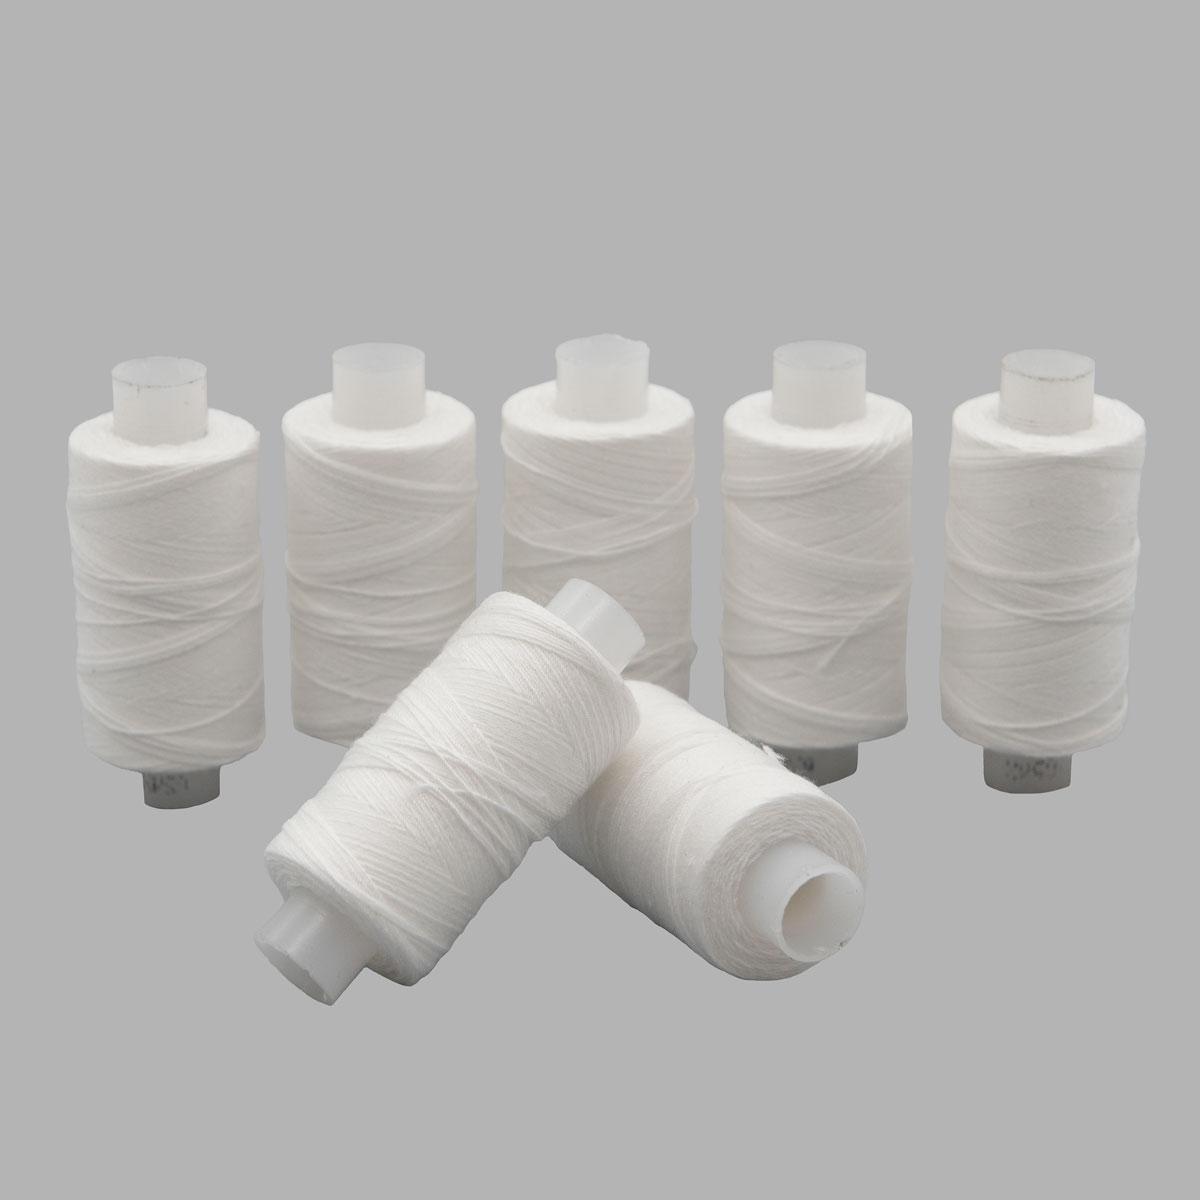 Армированные швейные бытовые нитки 65ЛХ белые